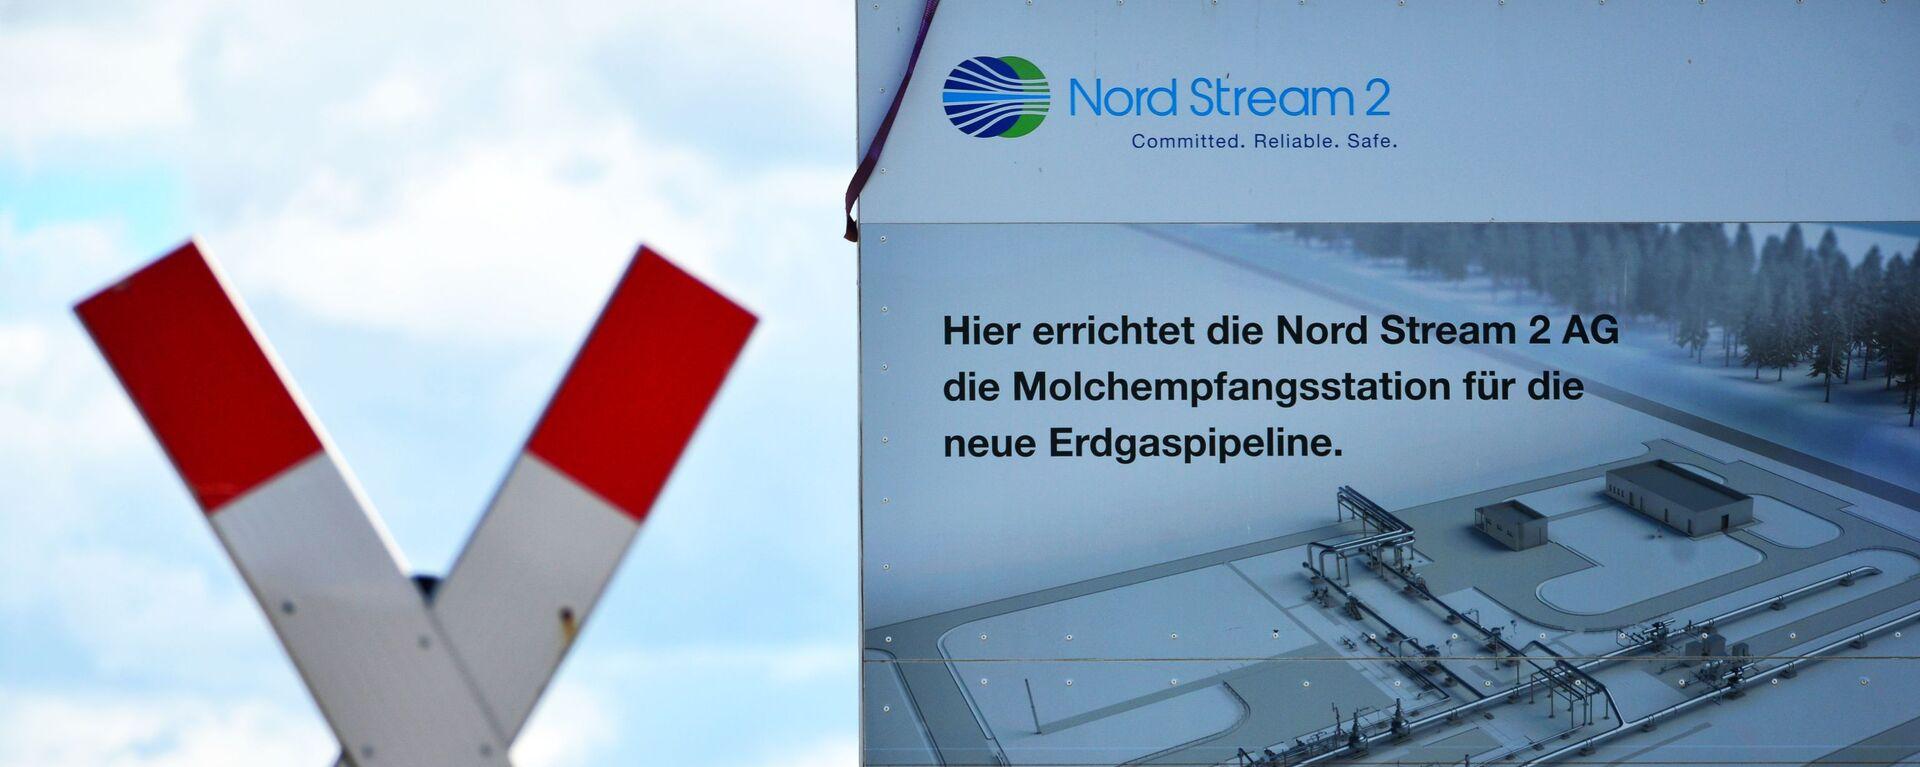 Budowa gazociągu Nord Stream 2 w Niemczech - Sputnik Polska, 1920, 29.10.2020